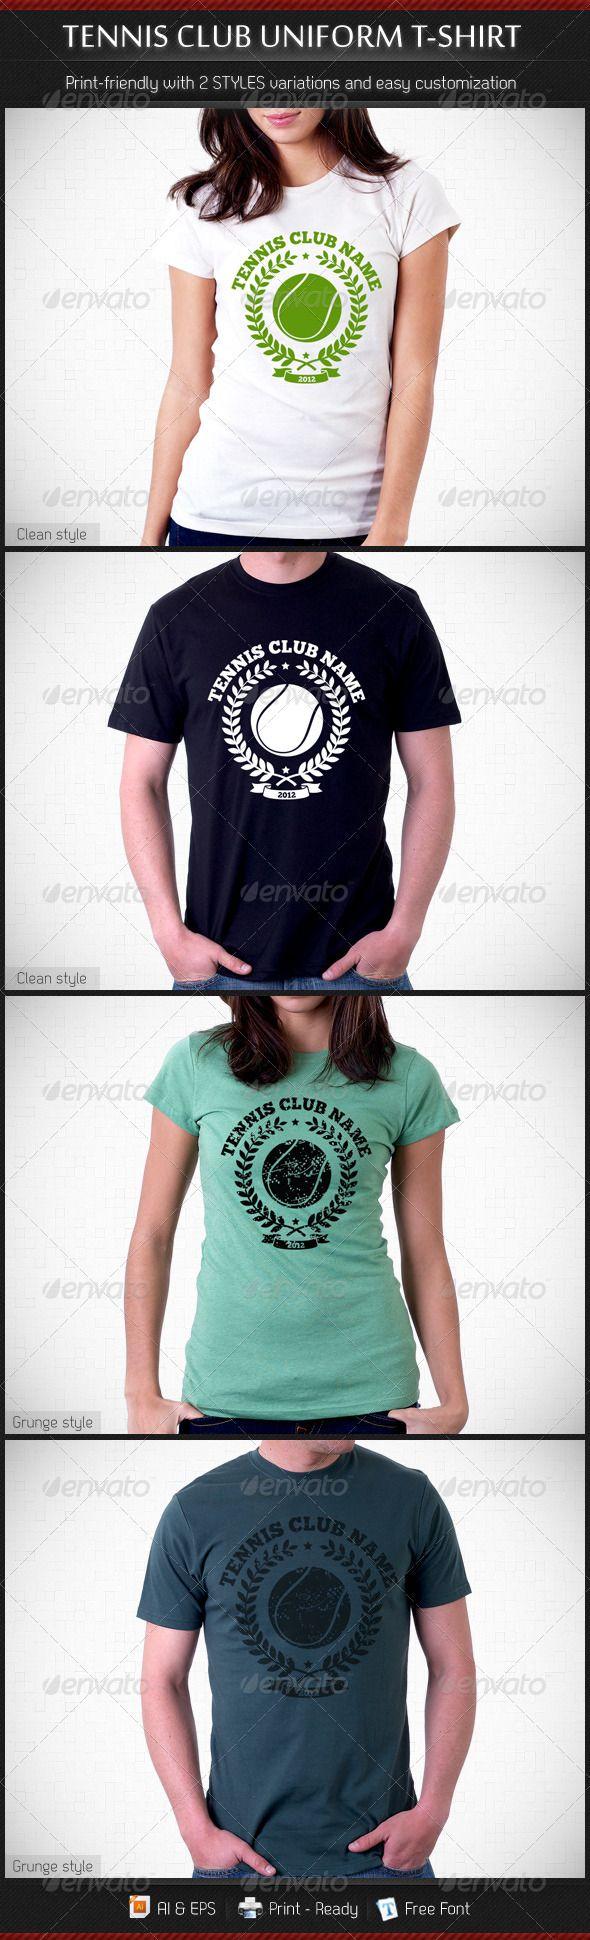 Shirt design now - Tennis Club Uniform T Shirt Template